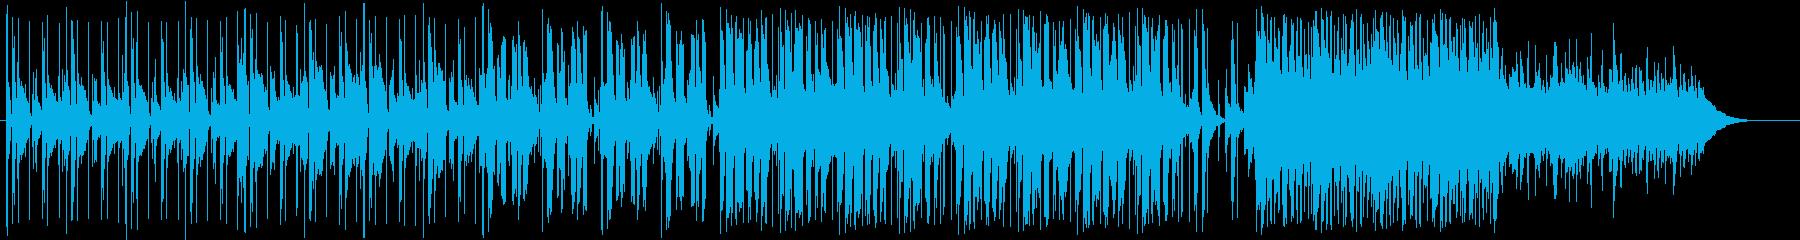 大人っぽい雰囲気の曲の再生済みの波形